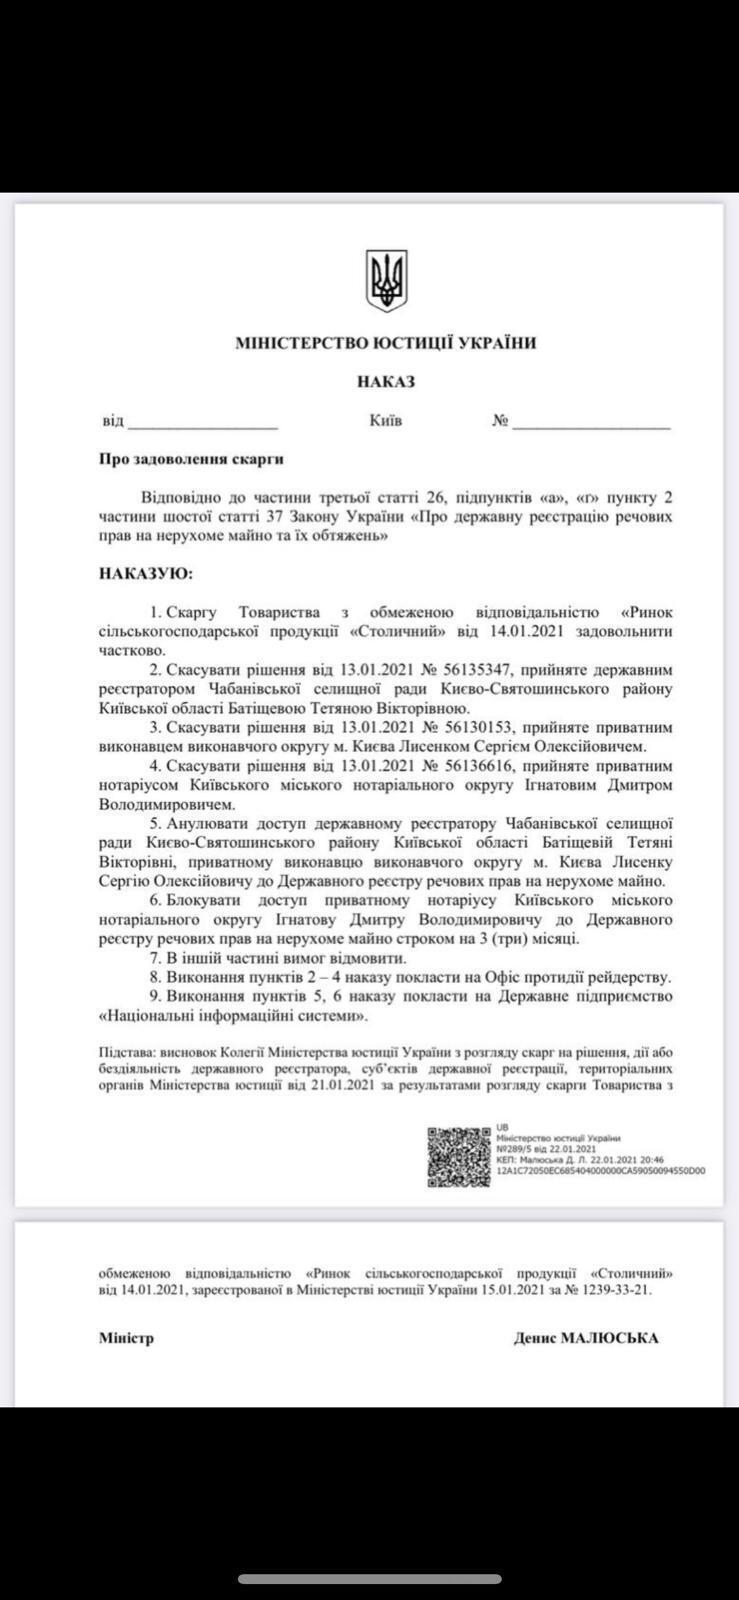 Новый поворот в деле «Столичного»: Молчанова, Туменас и Тищенко давят на Минюст с помощью улицы